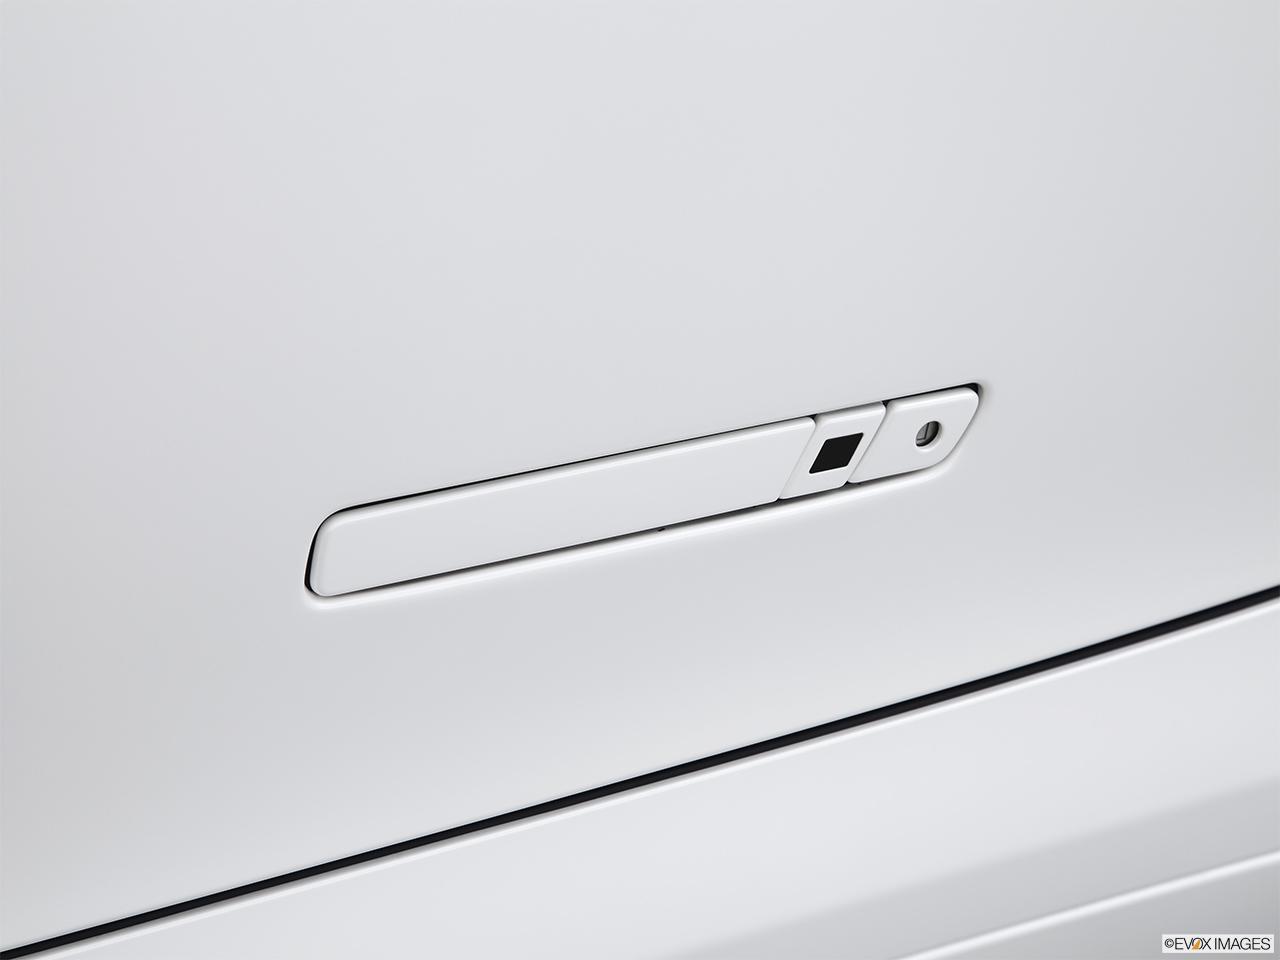 2014 Mercedes Benz Sls Amg Gt Roadster Sls Amg Gt